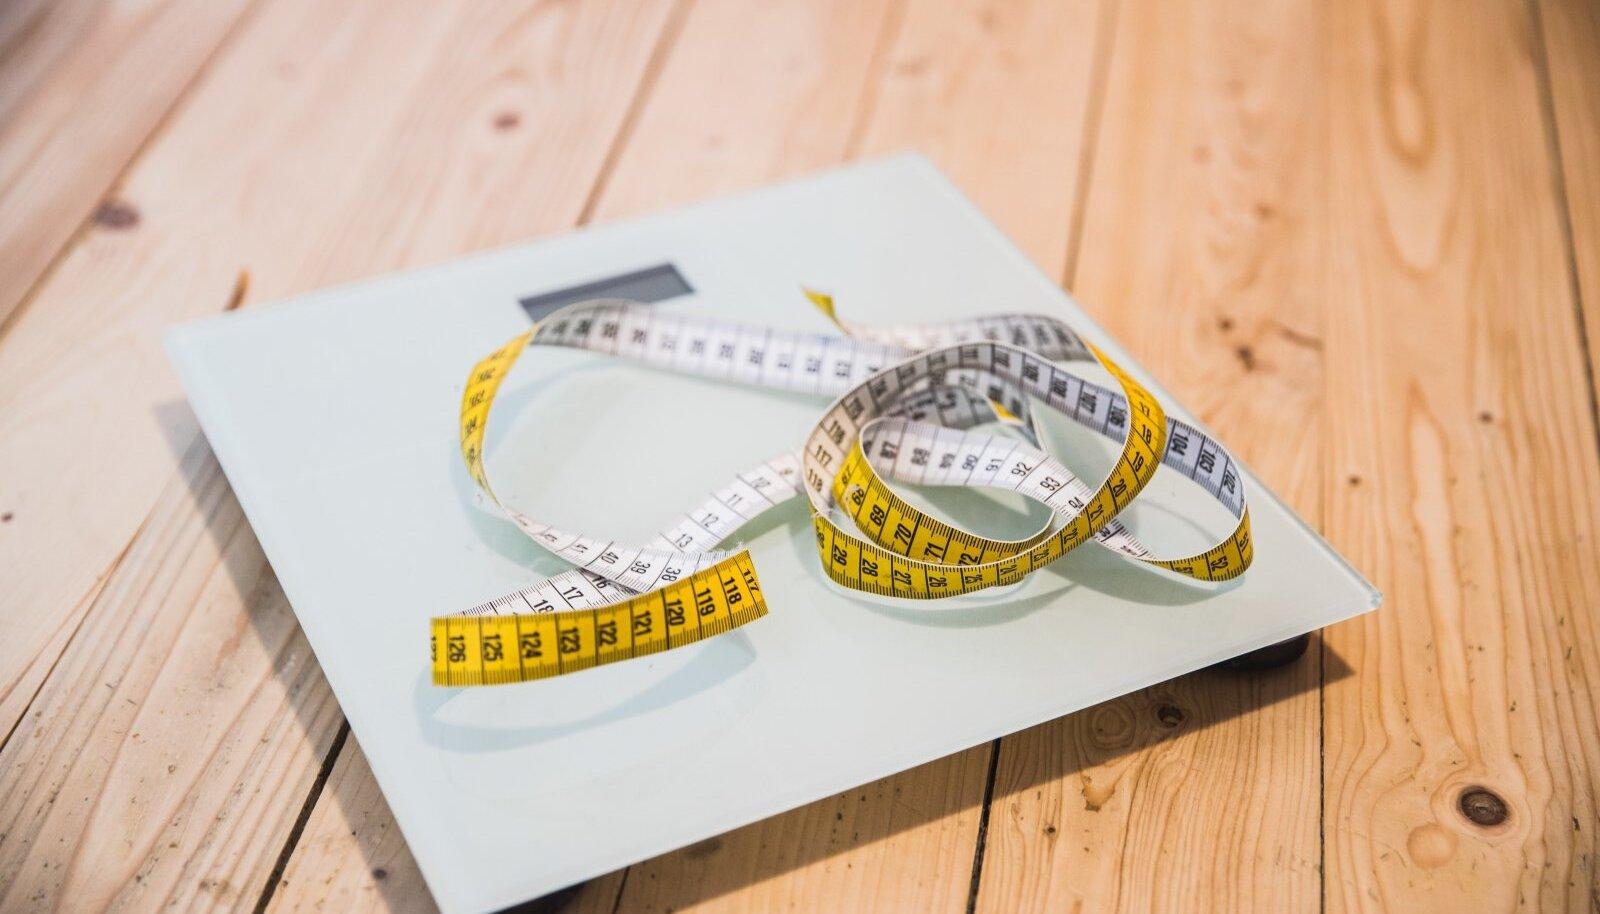 realistlikud kaalulangus eesmargid aastas 15 naela rasva kadu